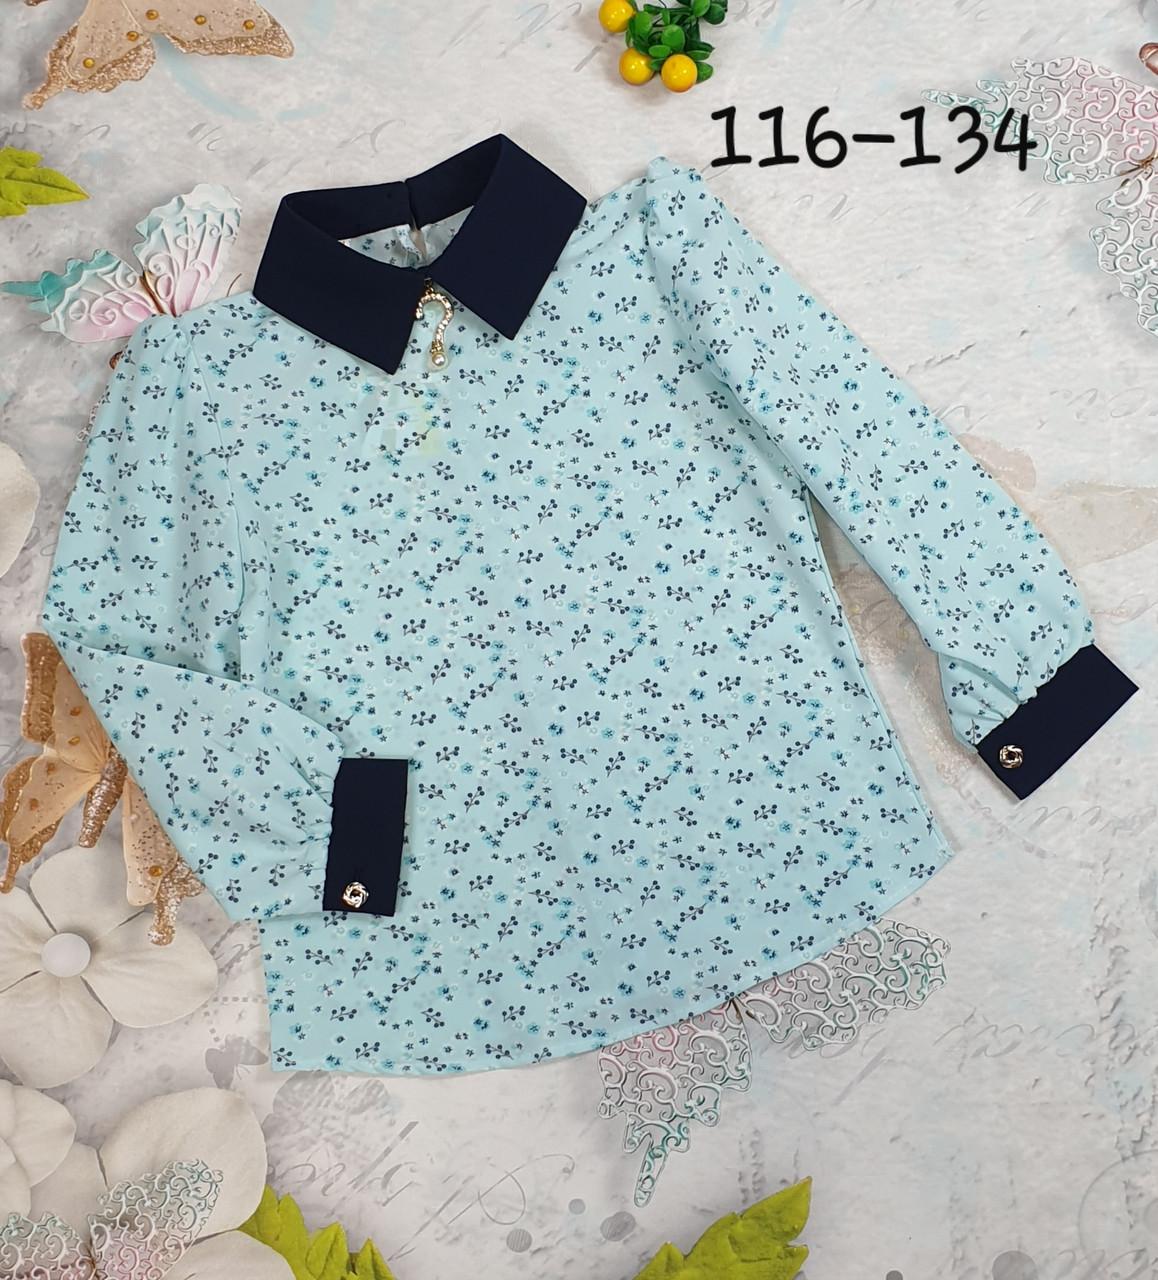 Блузка с длинным рукавом  116-134 на голубом мелкие цветы